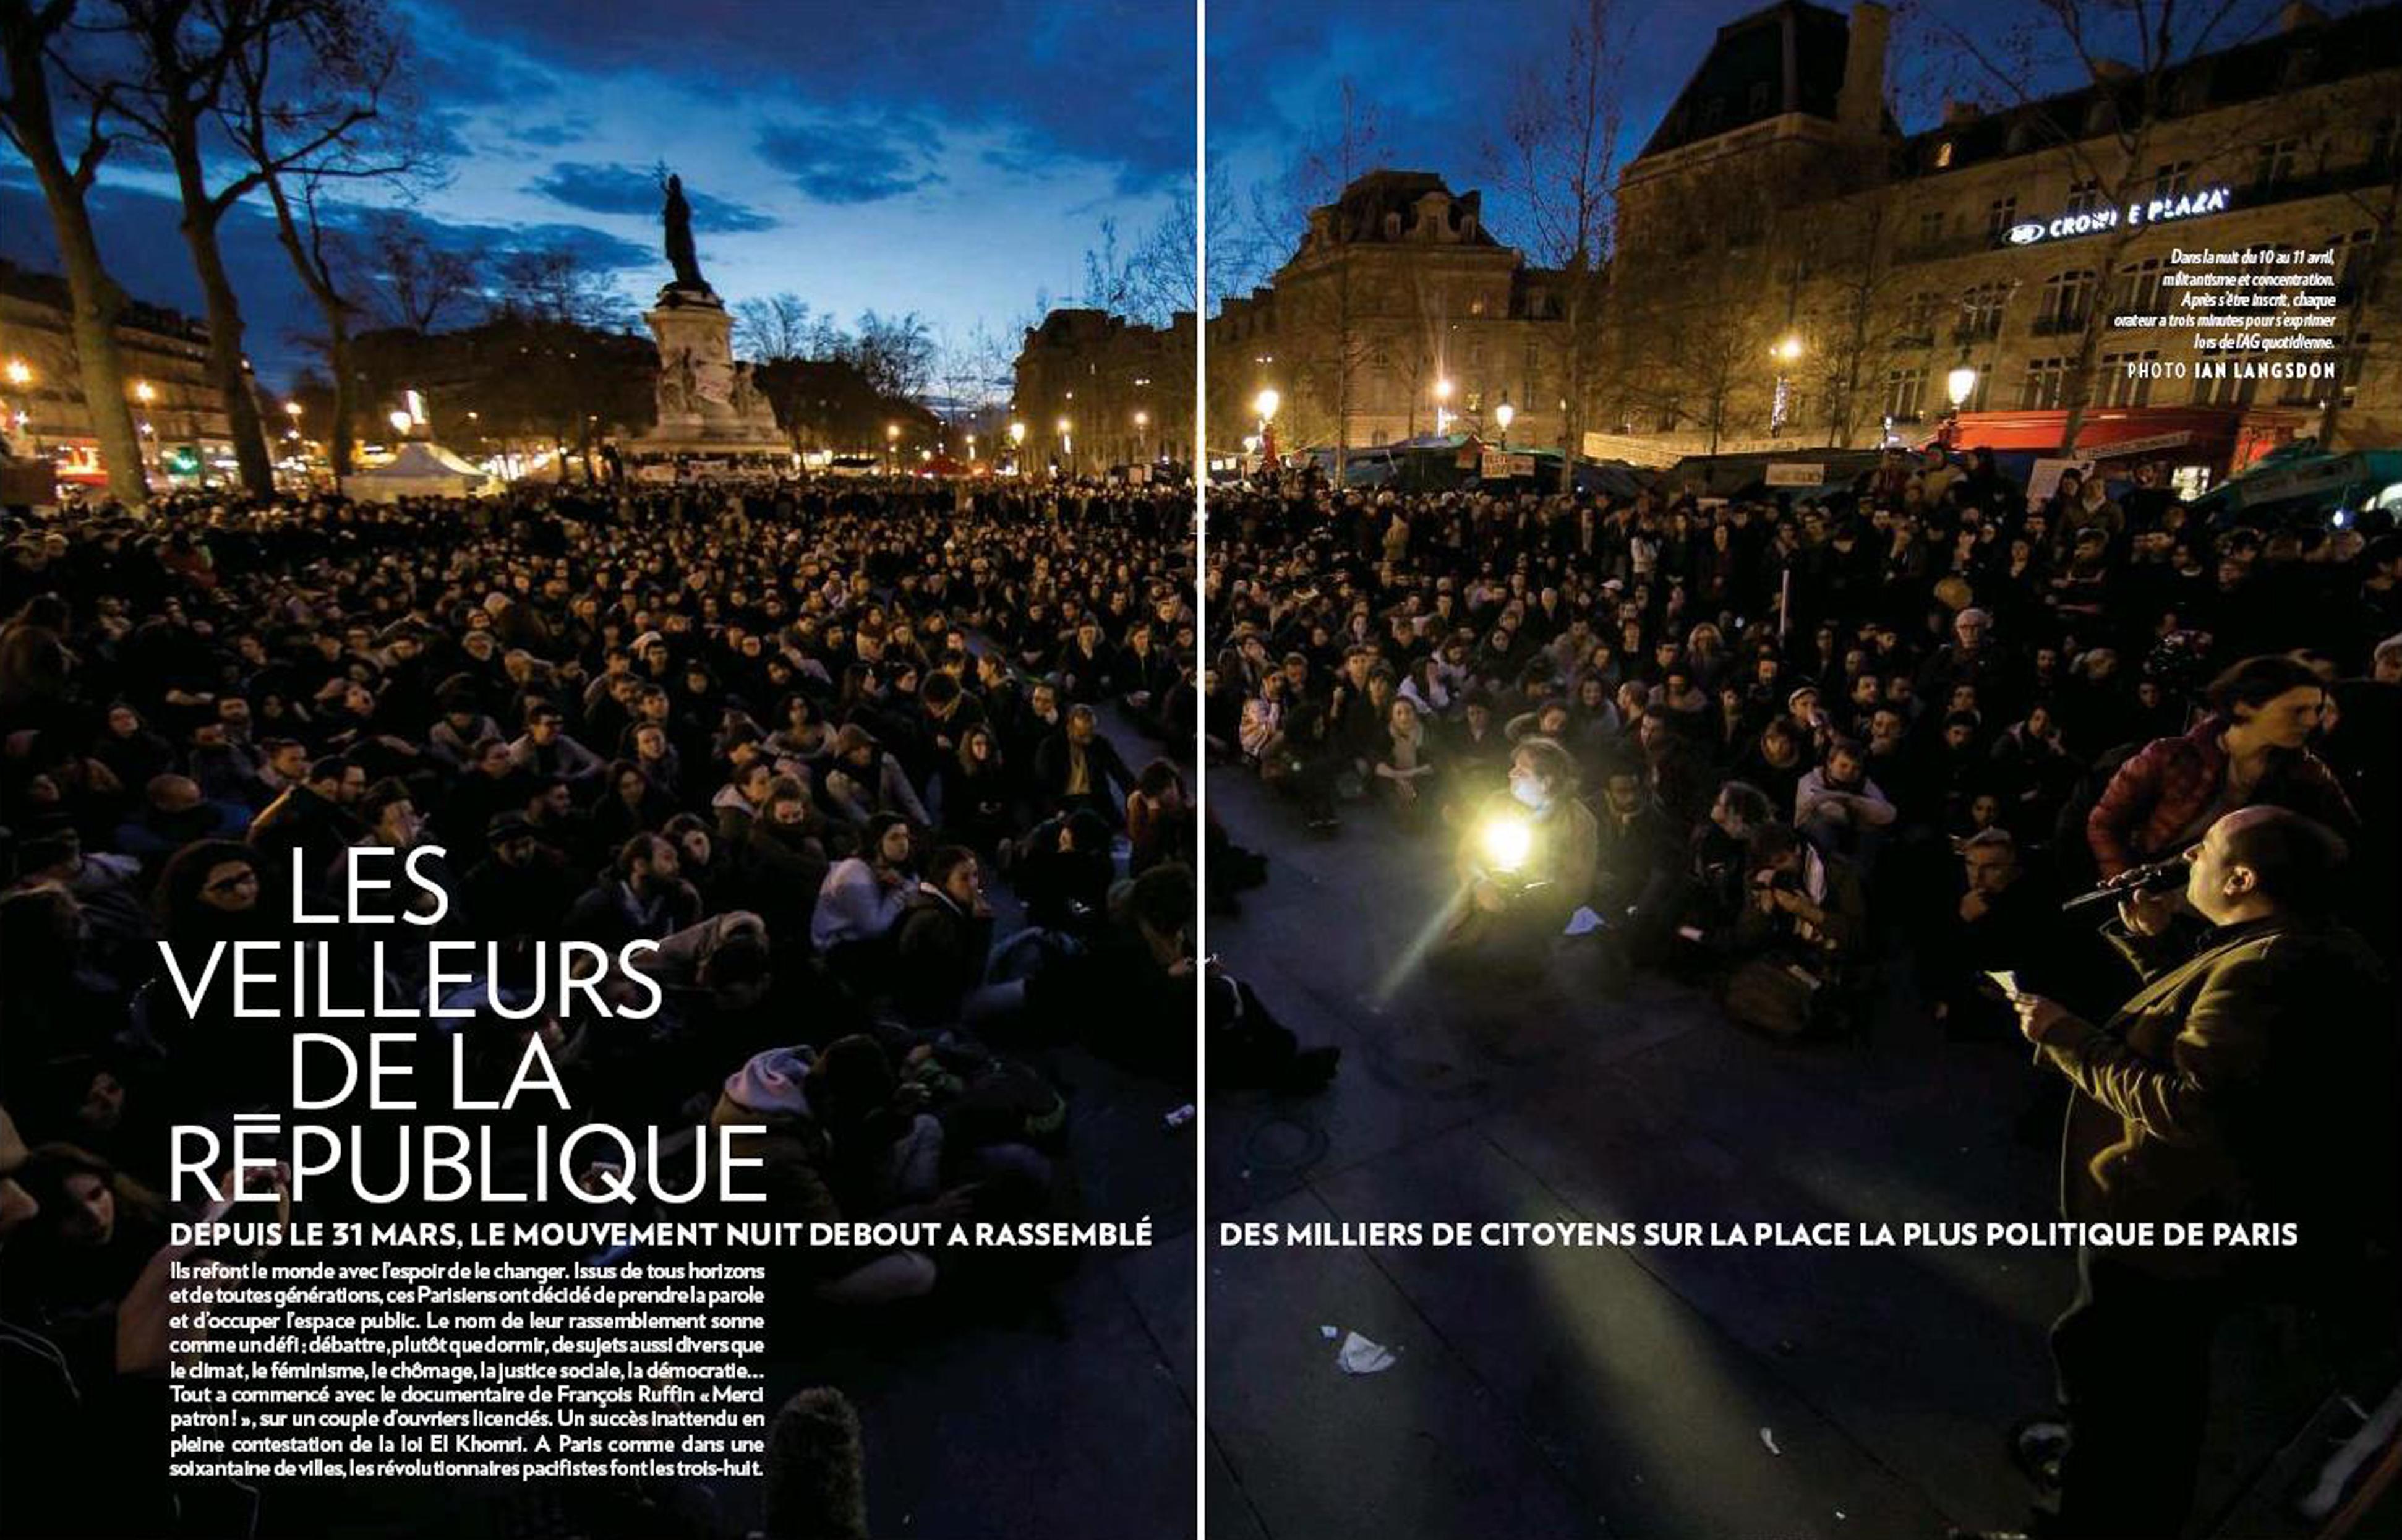 NUIT DEBOUT Paris Match FRANCE